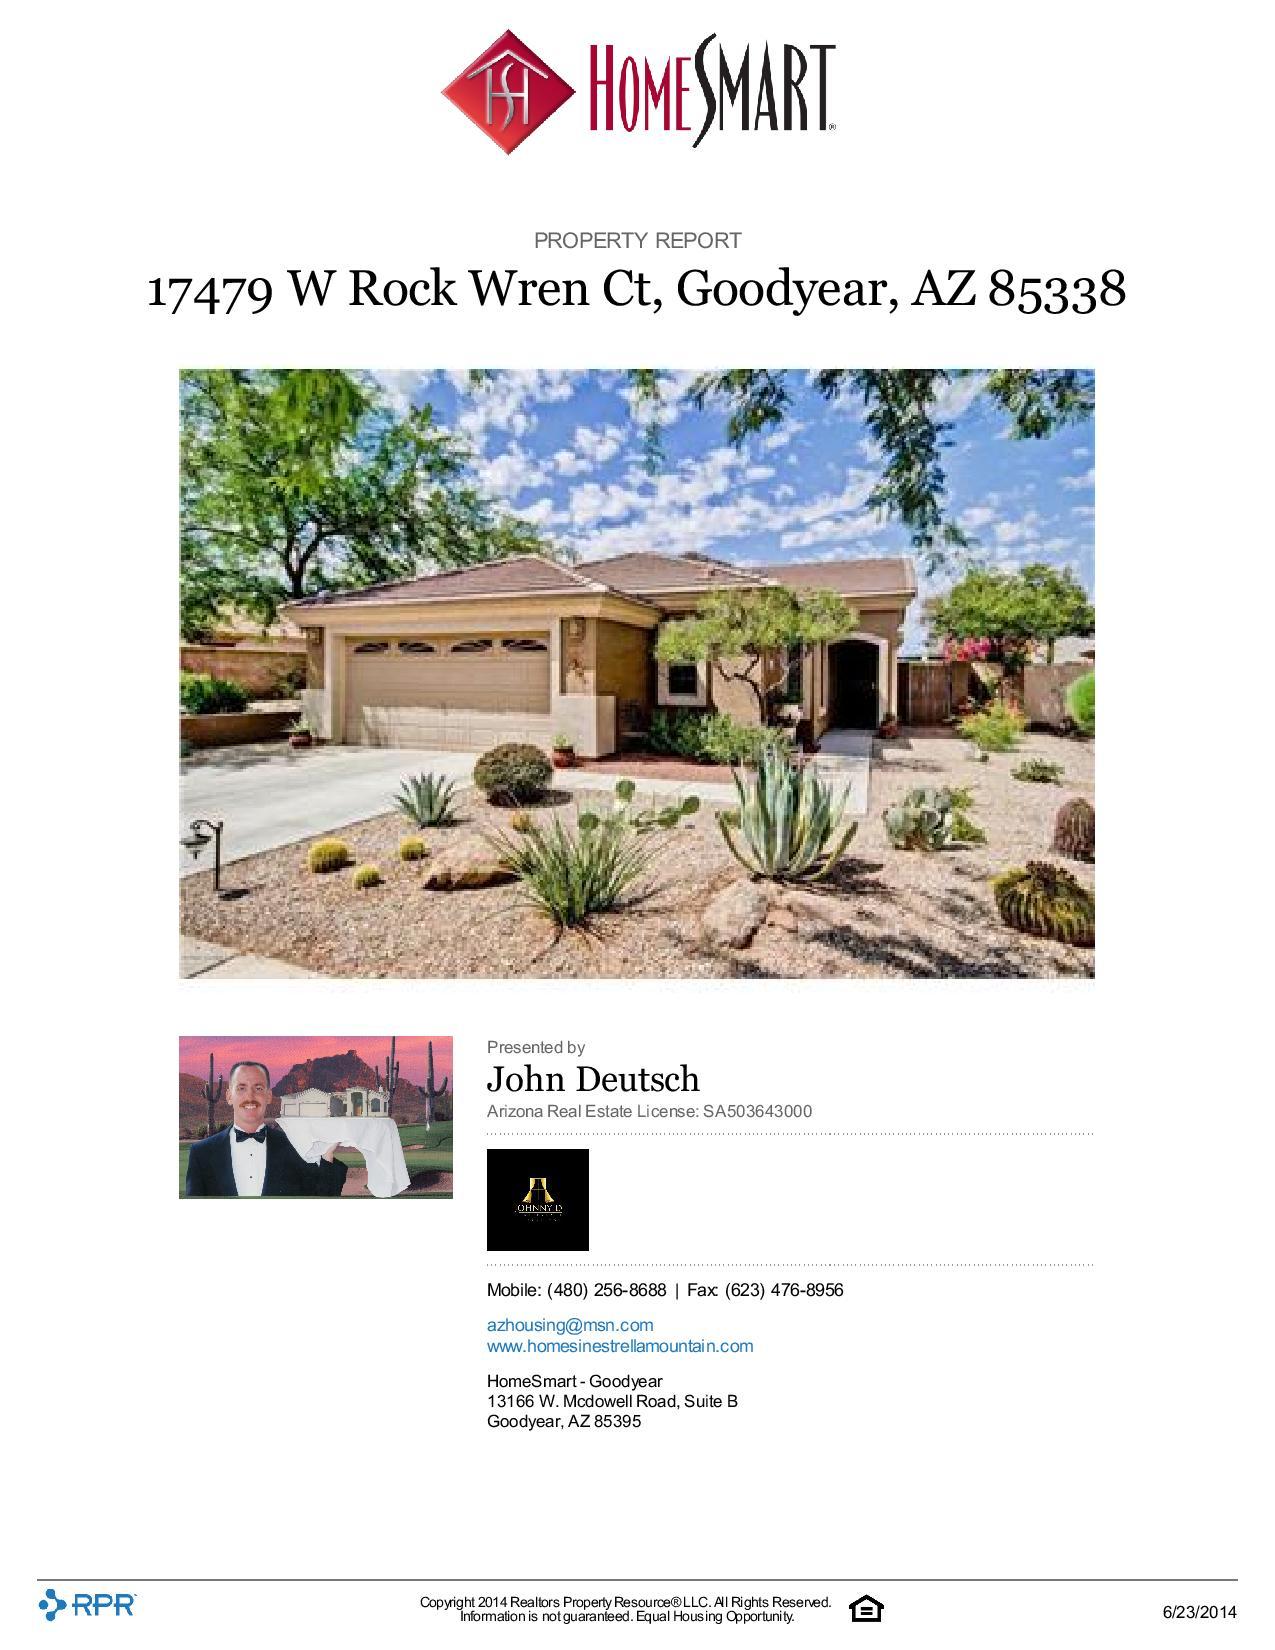 17479-W-Rock-Wren-Ct-Goodyear-AZ-85338-page-001